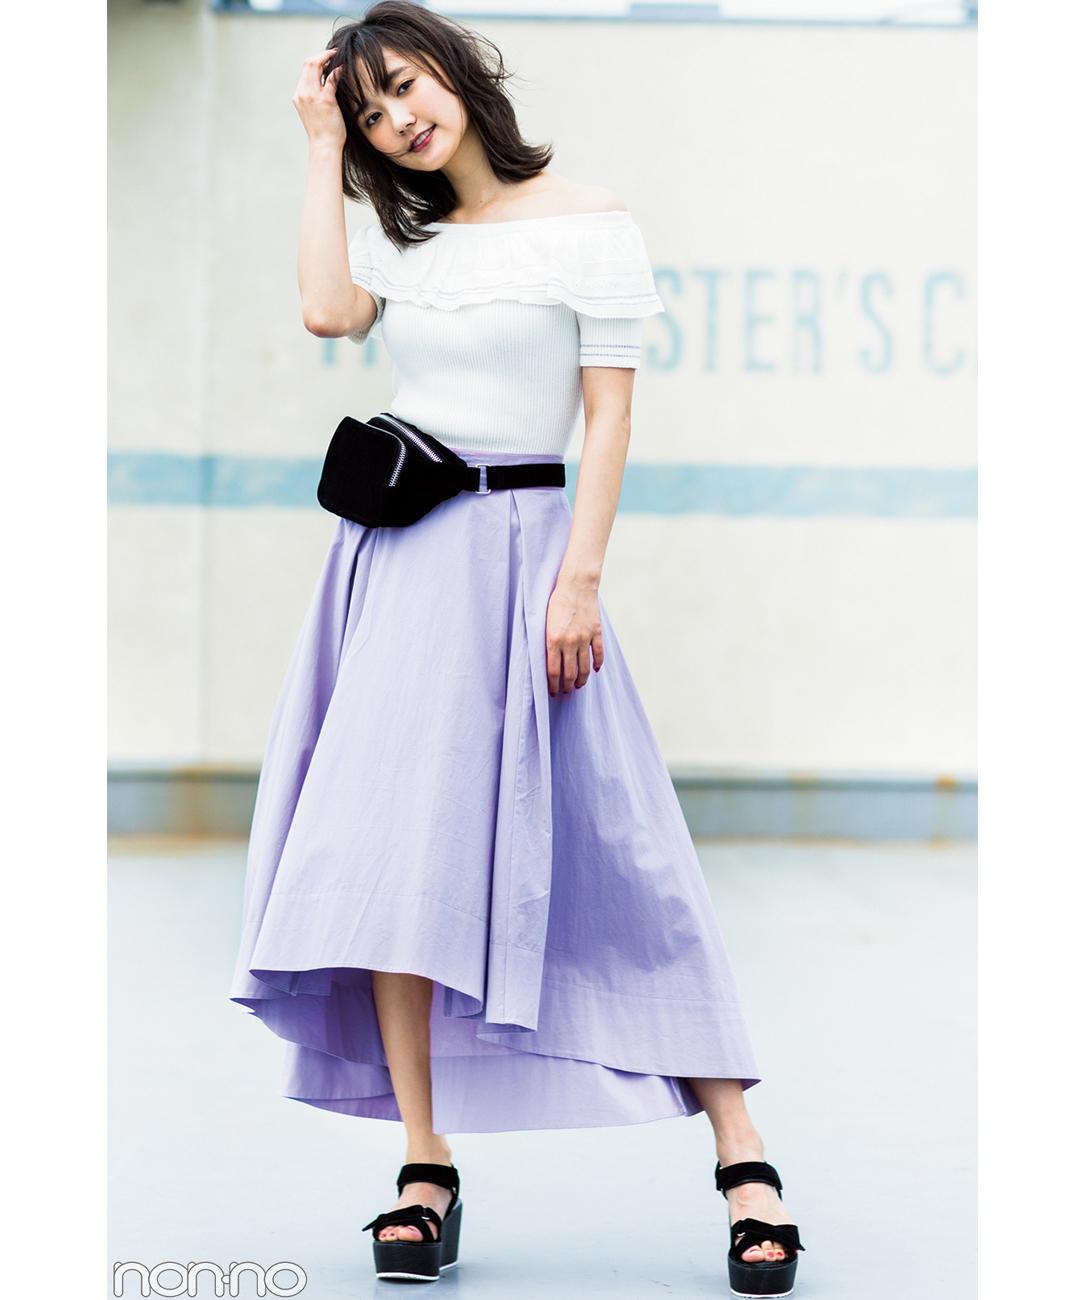 【夏のロングスカートコーデ】鈴木友菜は、HOTなラベンダースカートでキレイめ+女っぽ♪